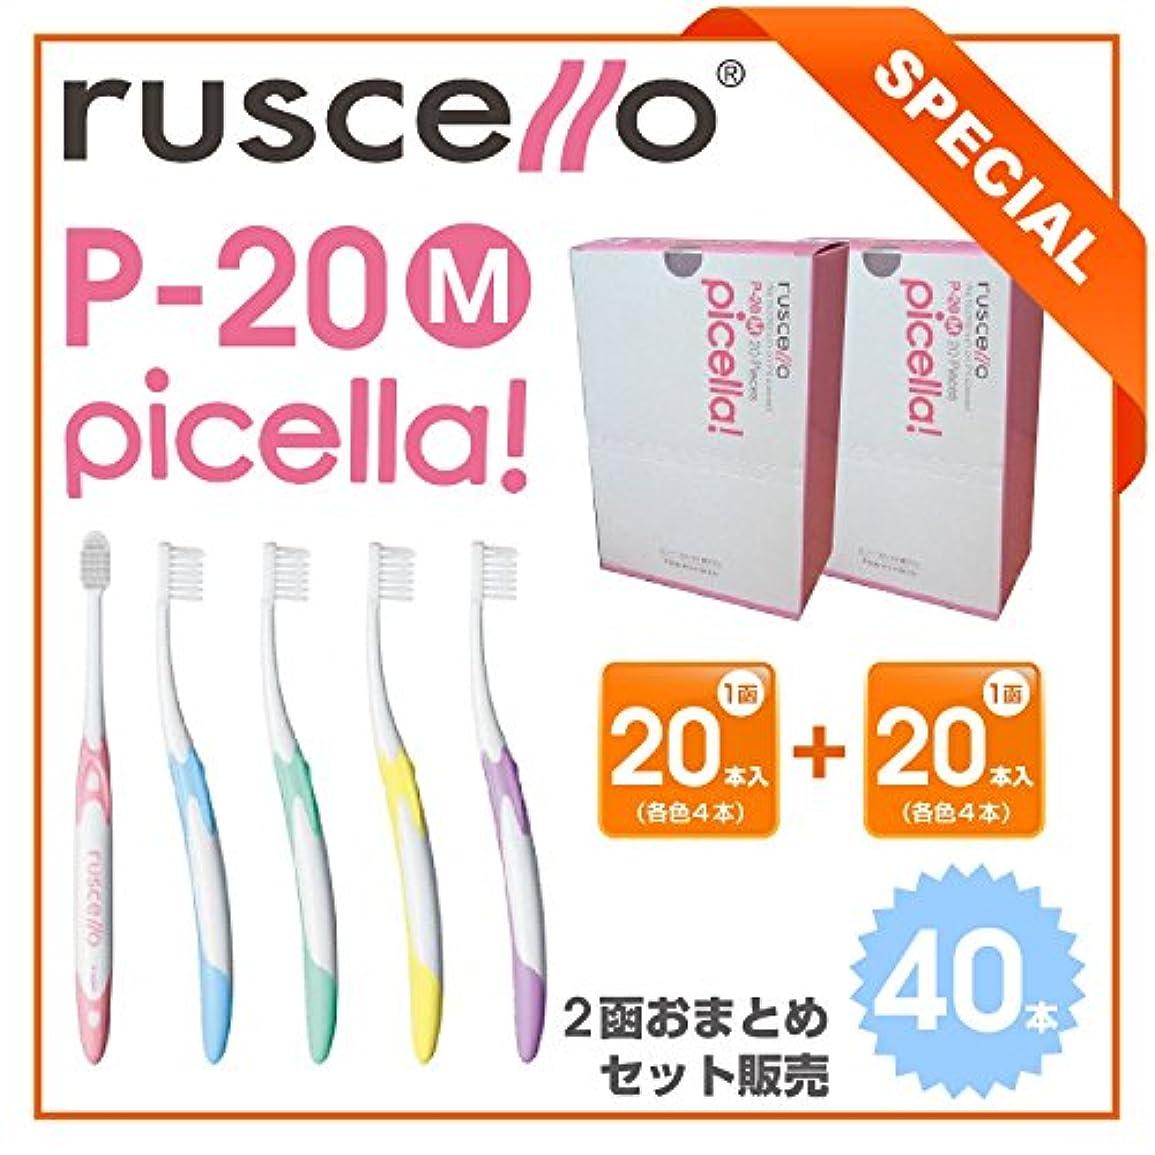 味わう販売員サイクルGC ジーシー ルシェロ歯ブラシ<P-20>ピセラ M ふつう 1函20本入×2函セット